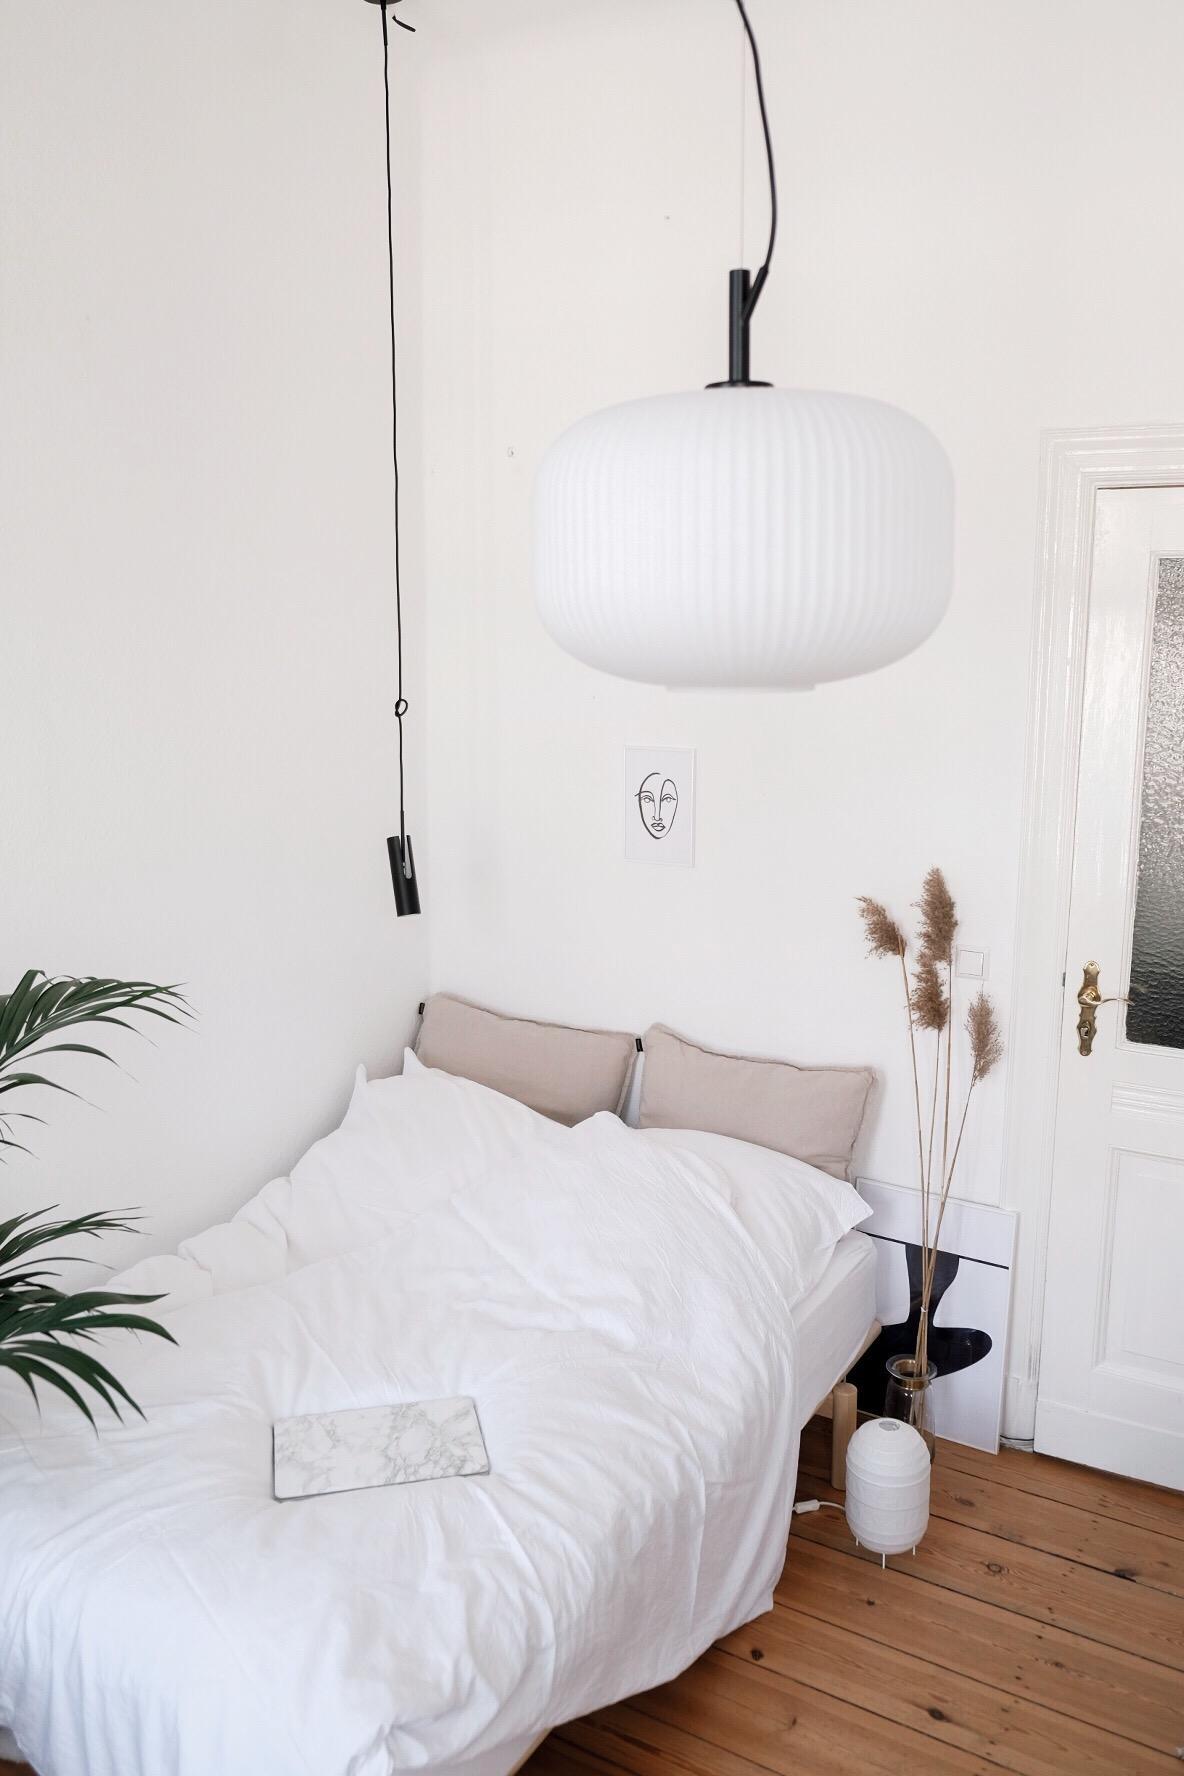 Full Size of Lampe Schlafzimmer Bedroom Deckenleuchte Bett Deckenlampen Wohnzimmer Modern Eckschrank Kommoden Kommode Wandleuchte Günstig Deckenlampe Küche Truhe Für Schlafzimmer Lampe Schlafzimmer